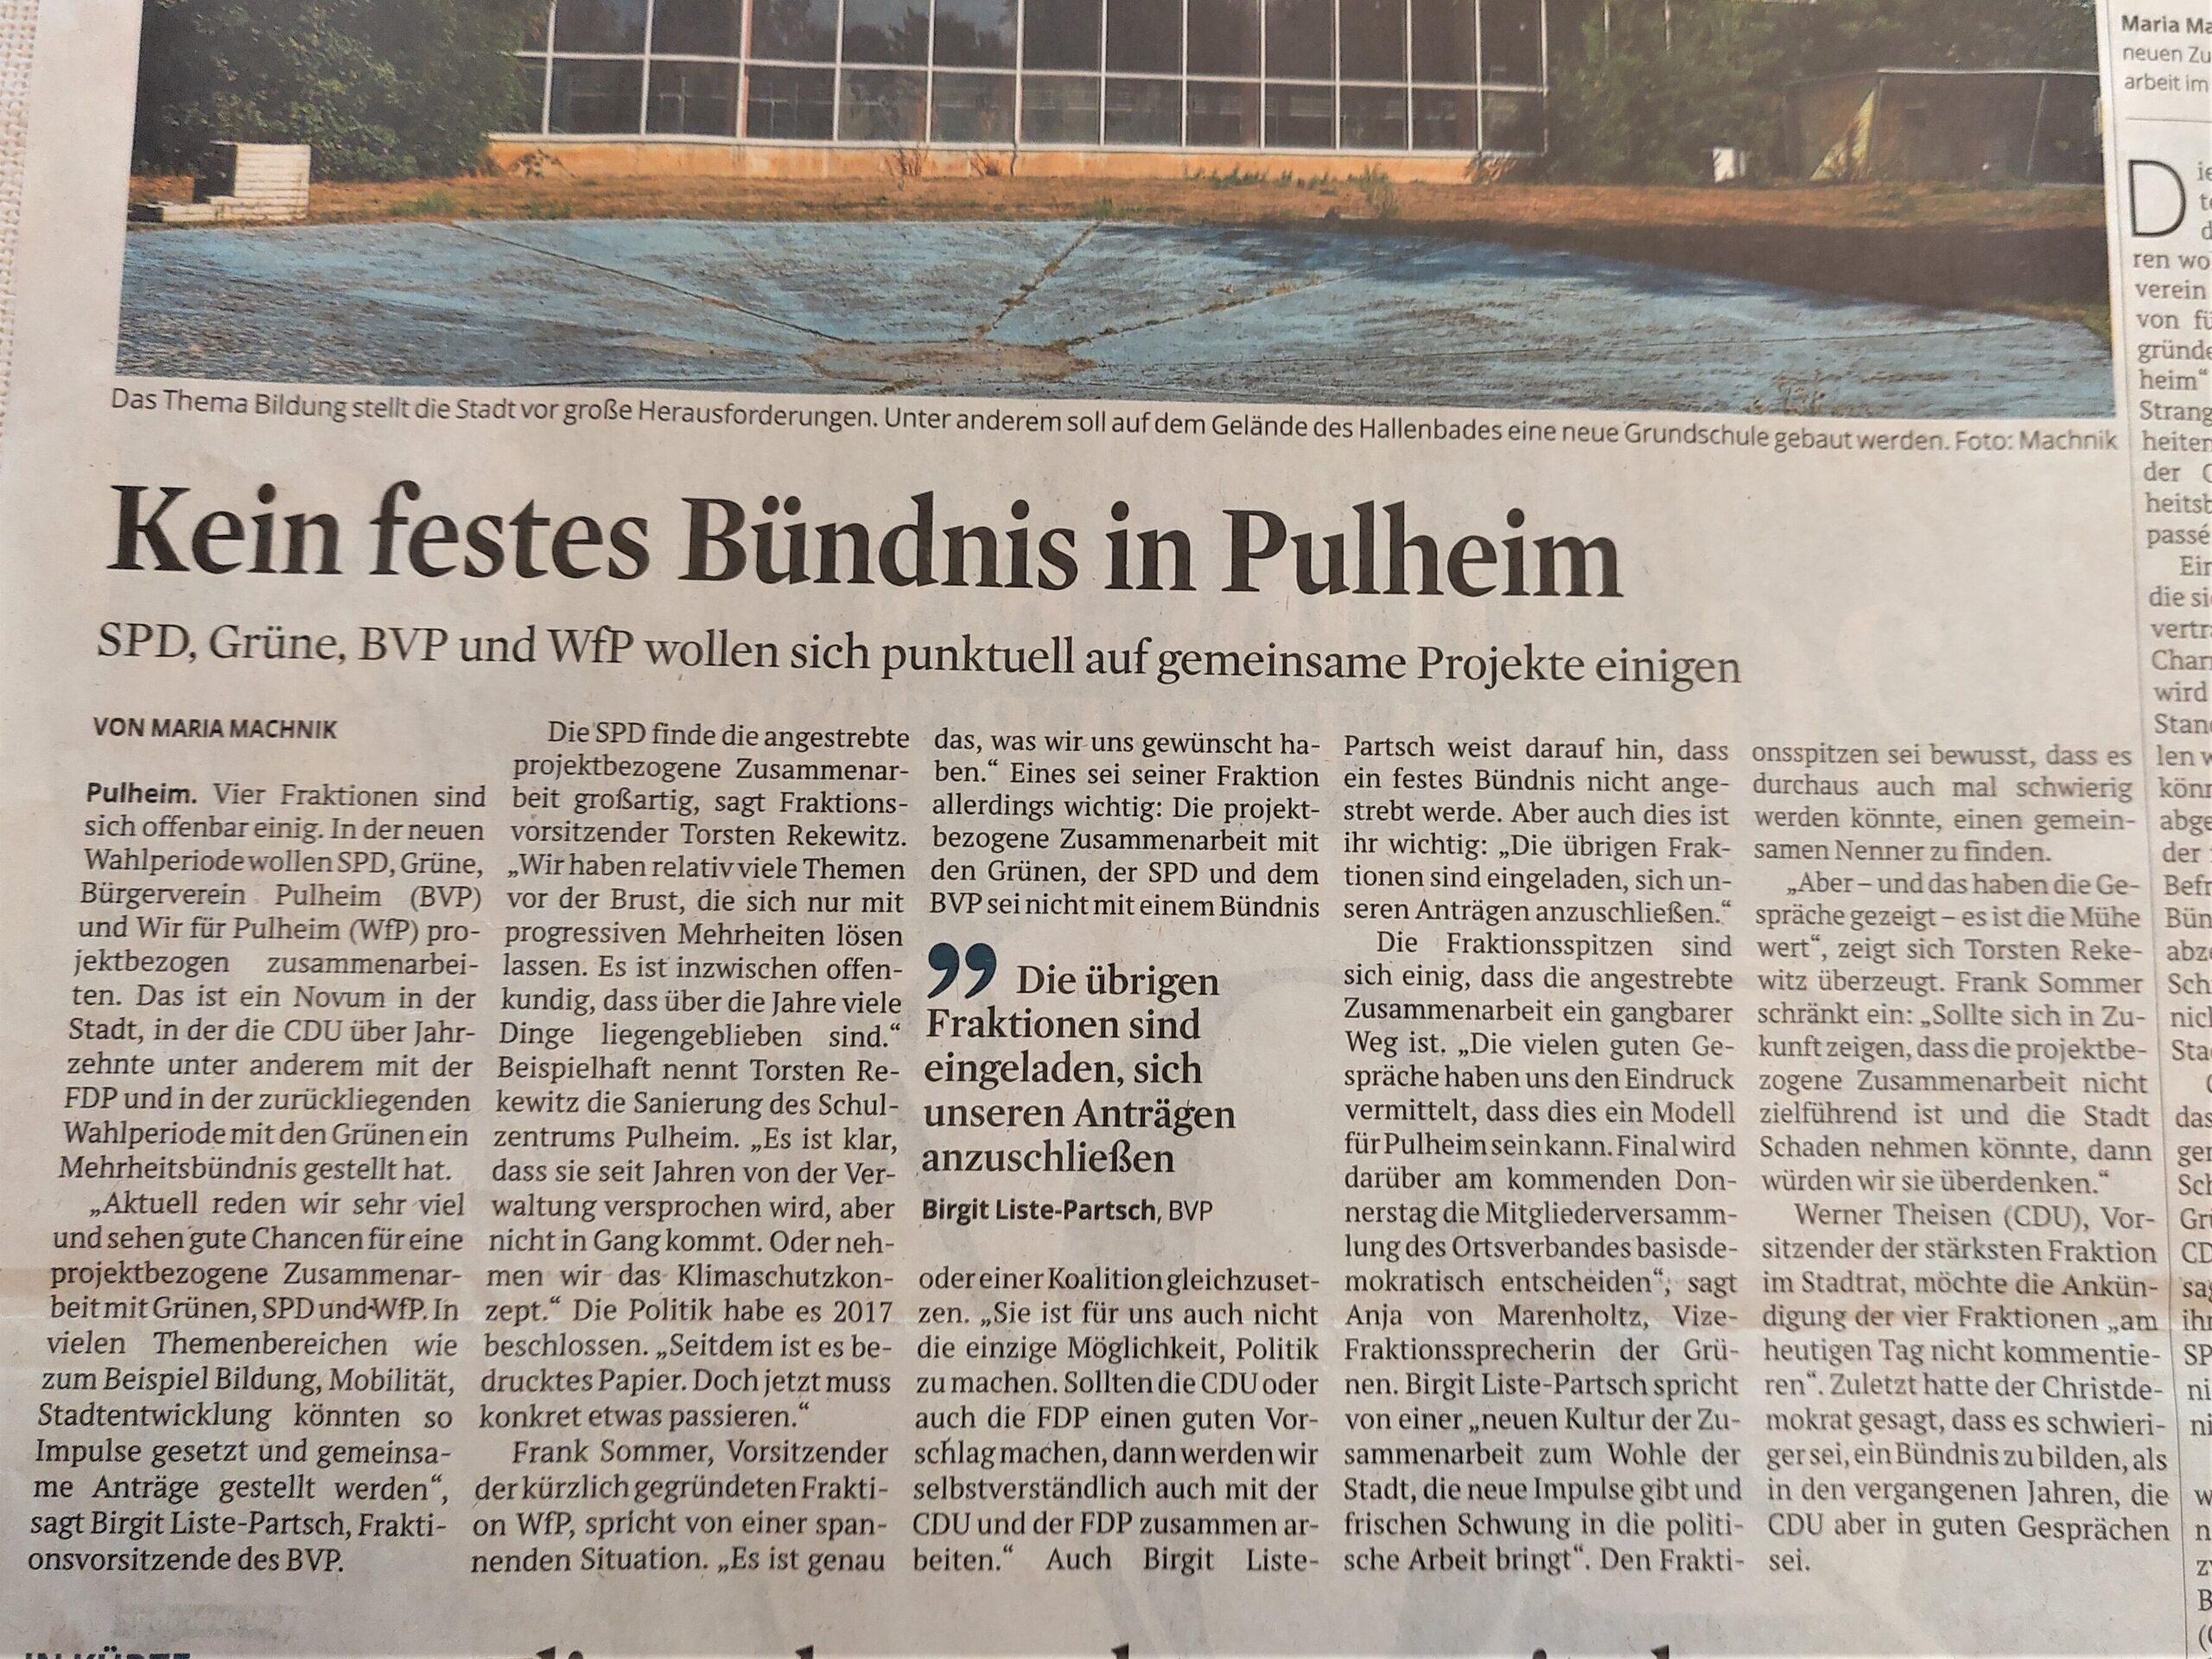 """Fraktion """"Wir für Pulheim"""" strebt punktuelle Zusammenarbeit an"""